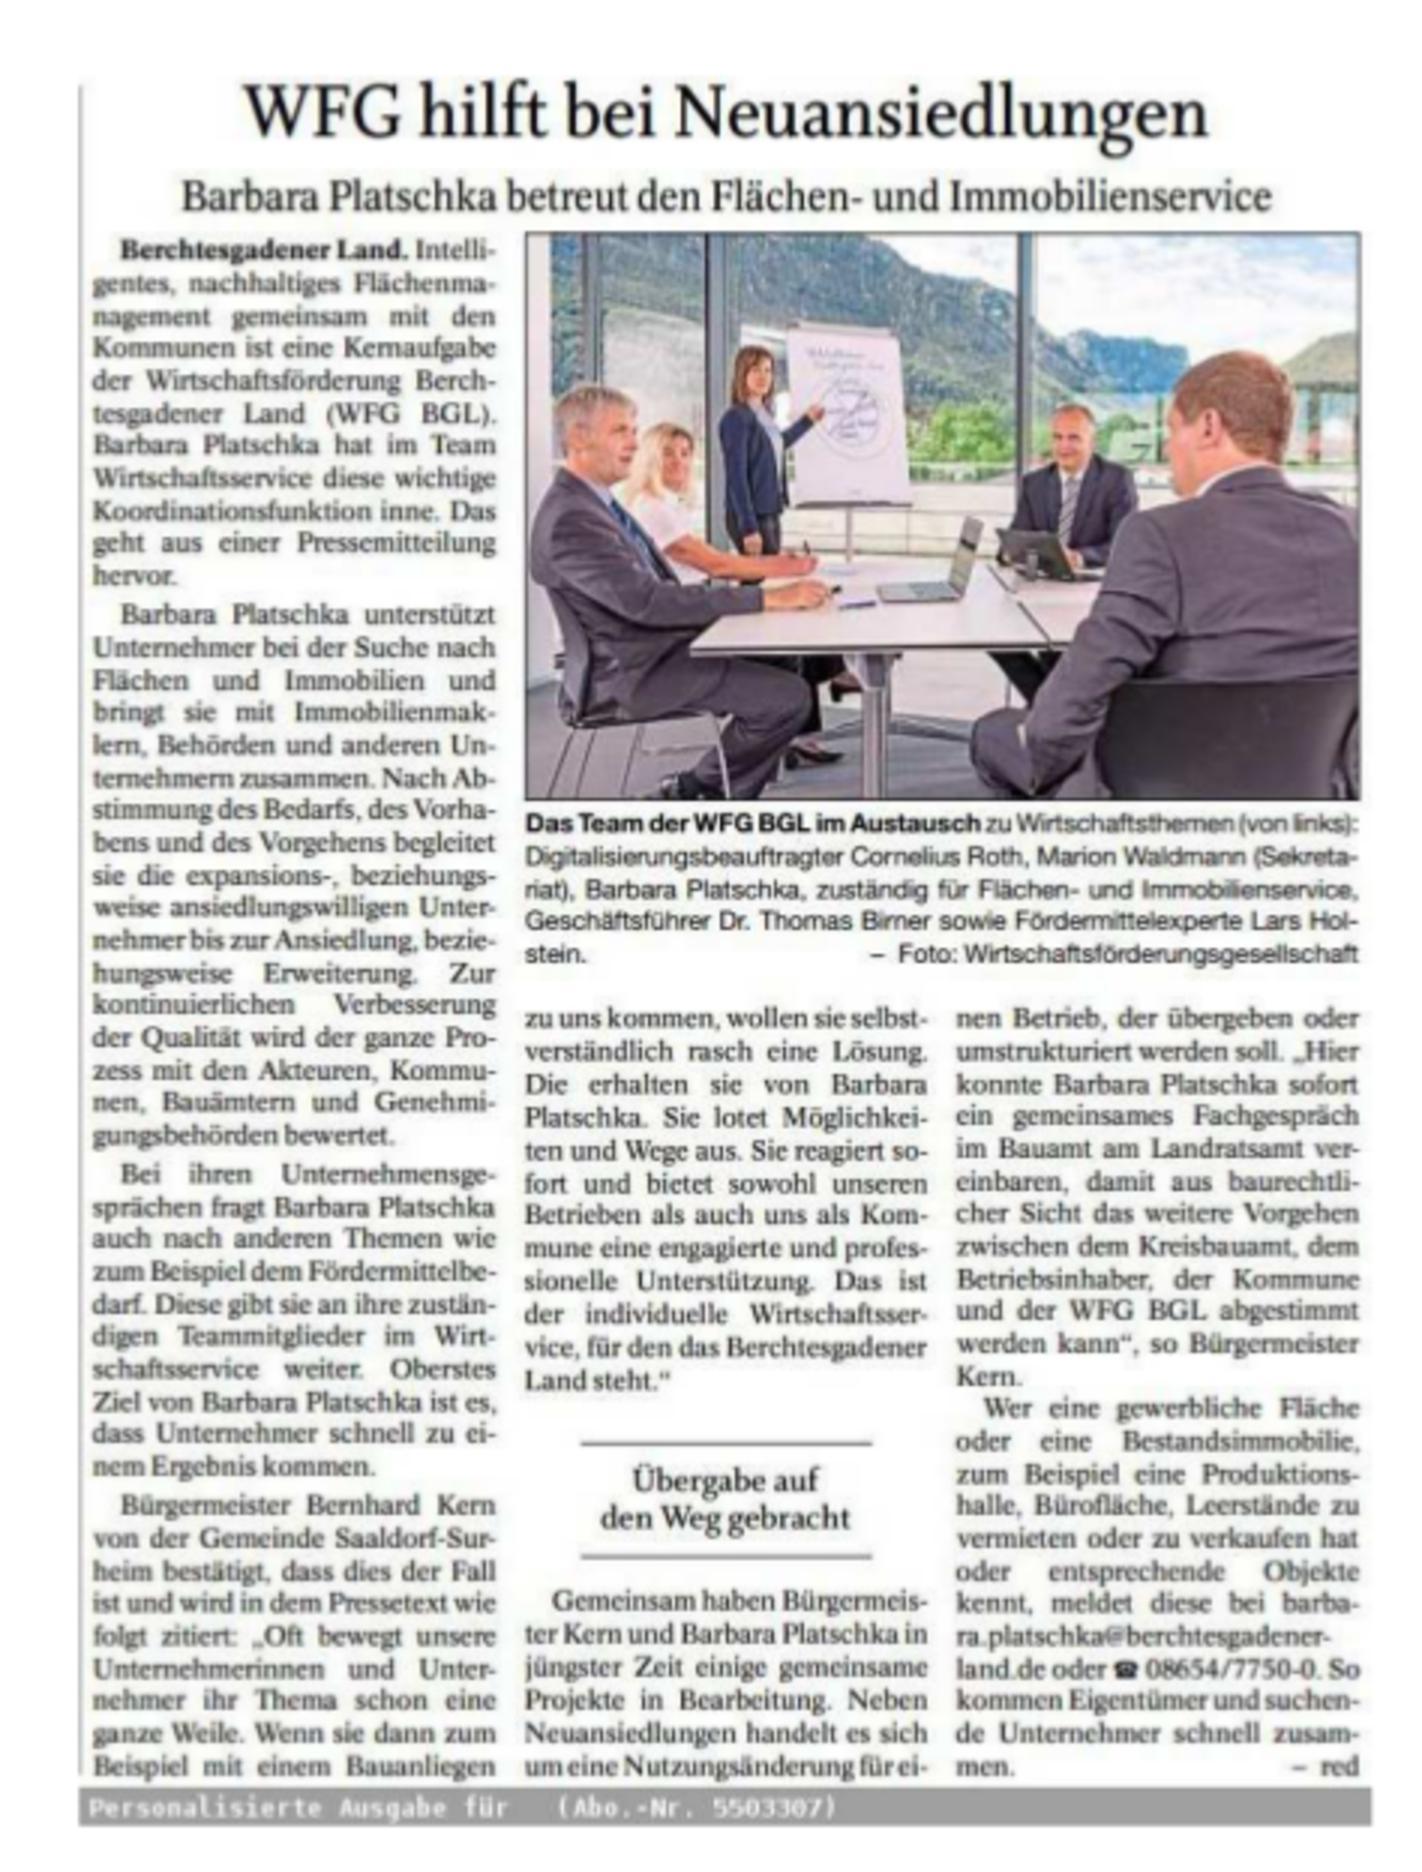 Neuansiedlung - Pressebericht